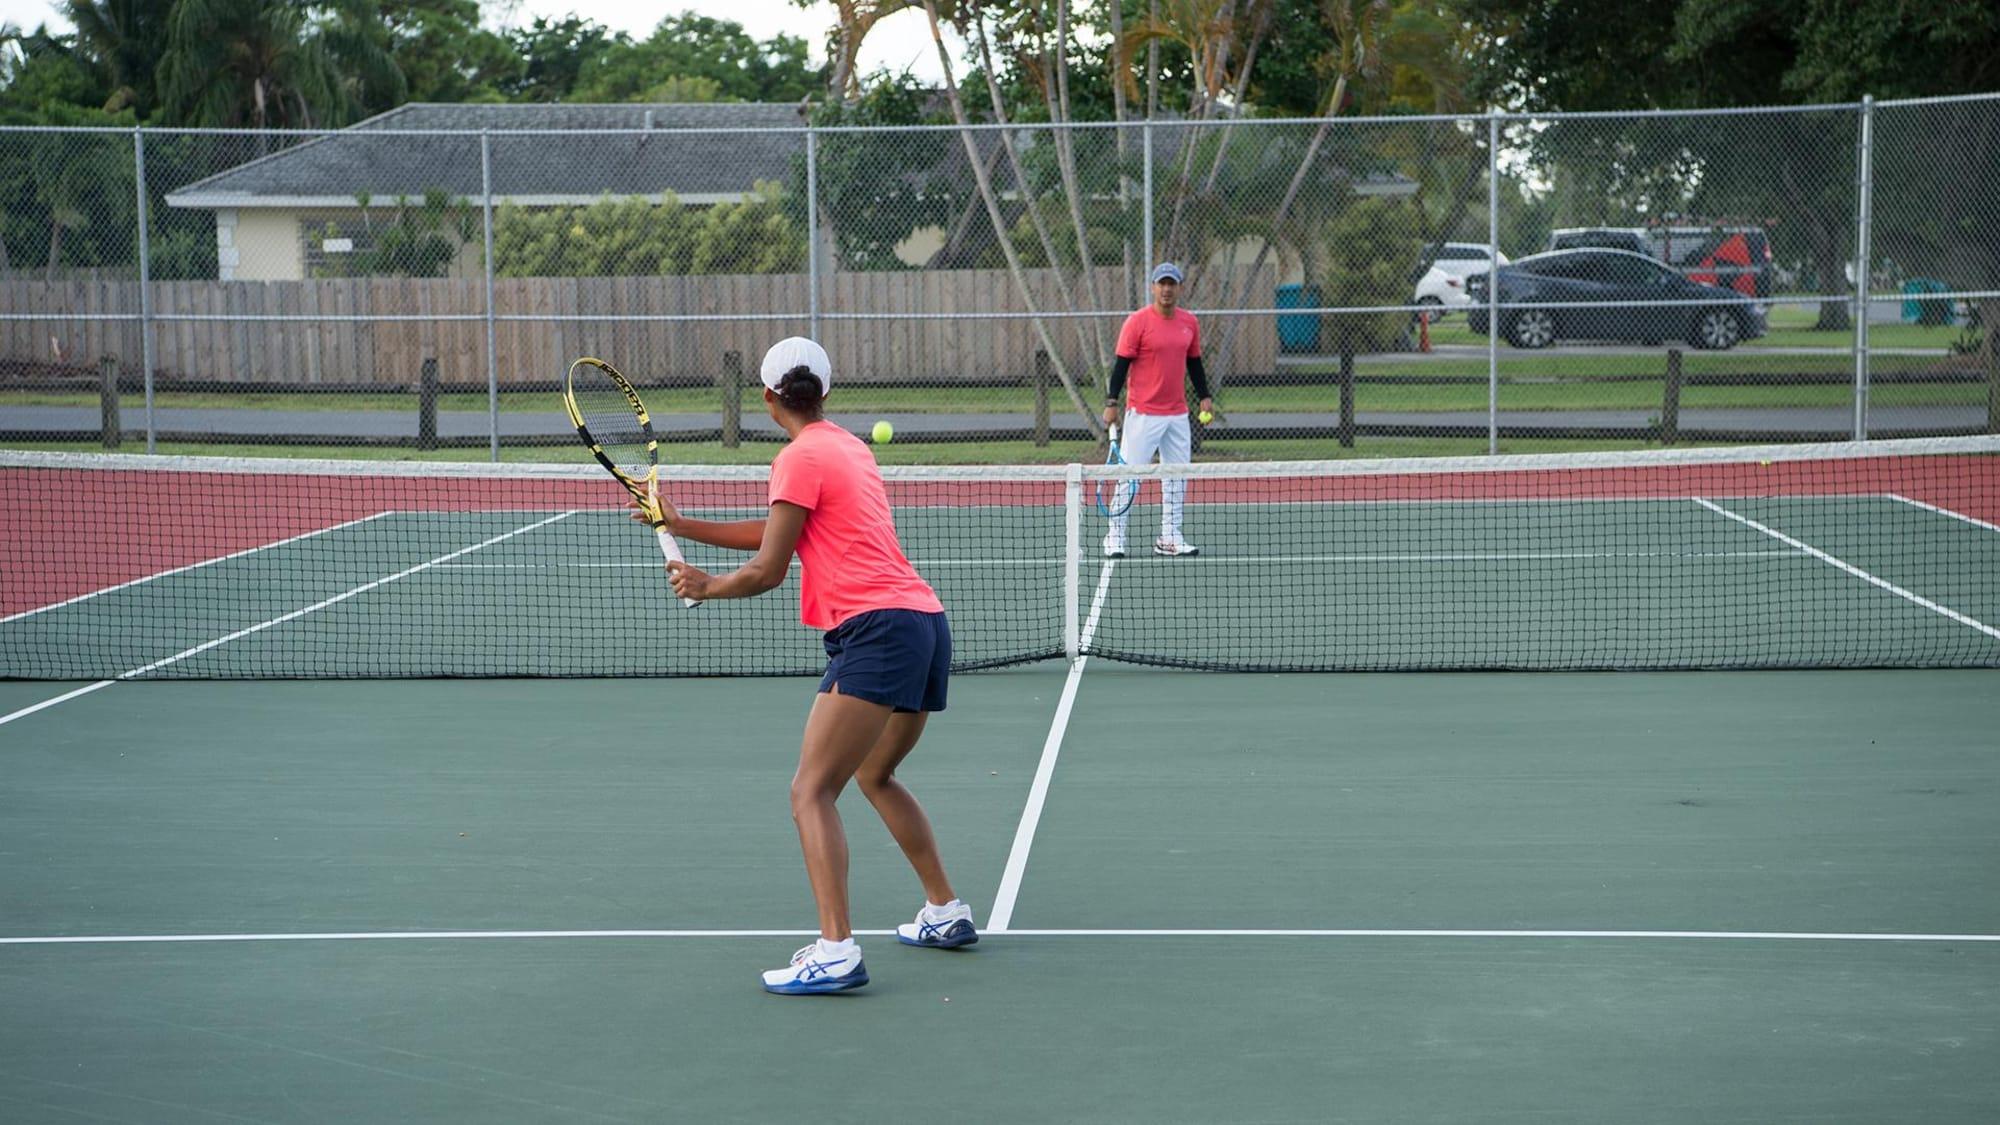 Une joueuse de tennis s'apprête à frapper une balle sous le regard d'un homme.